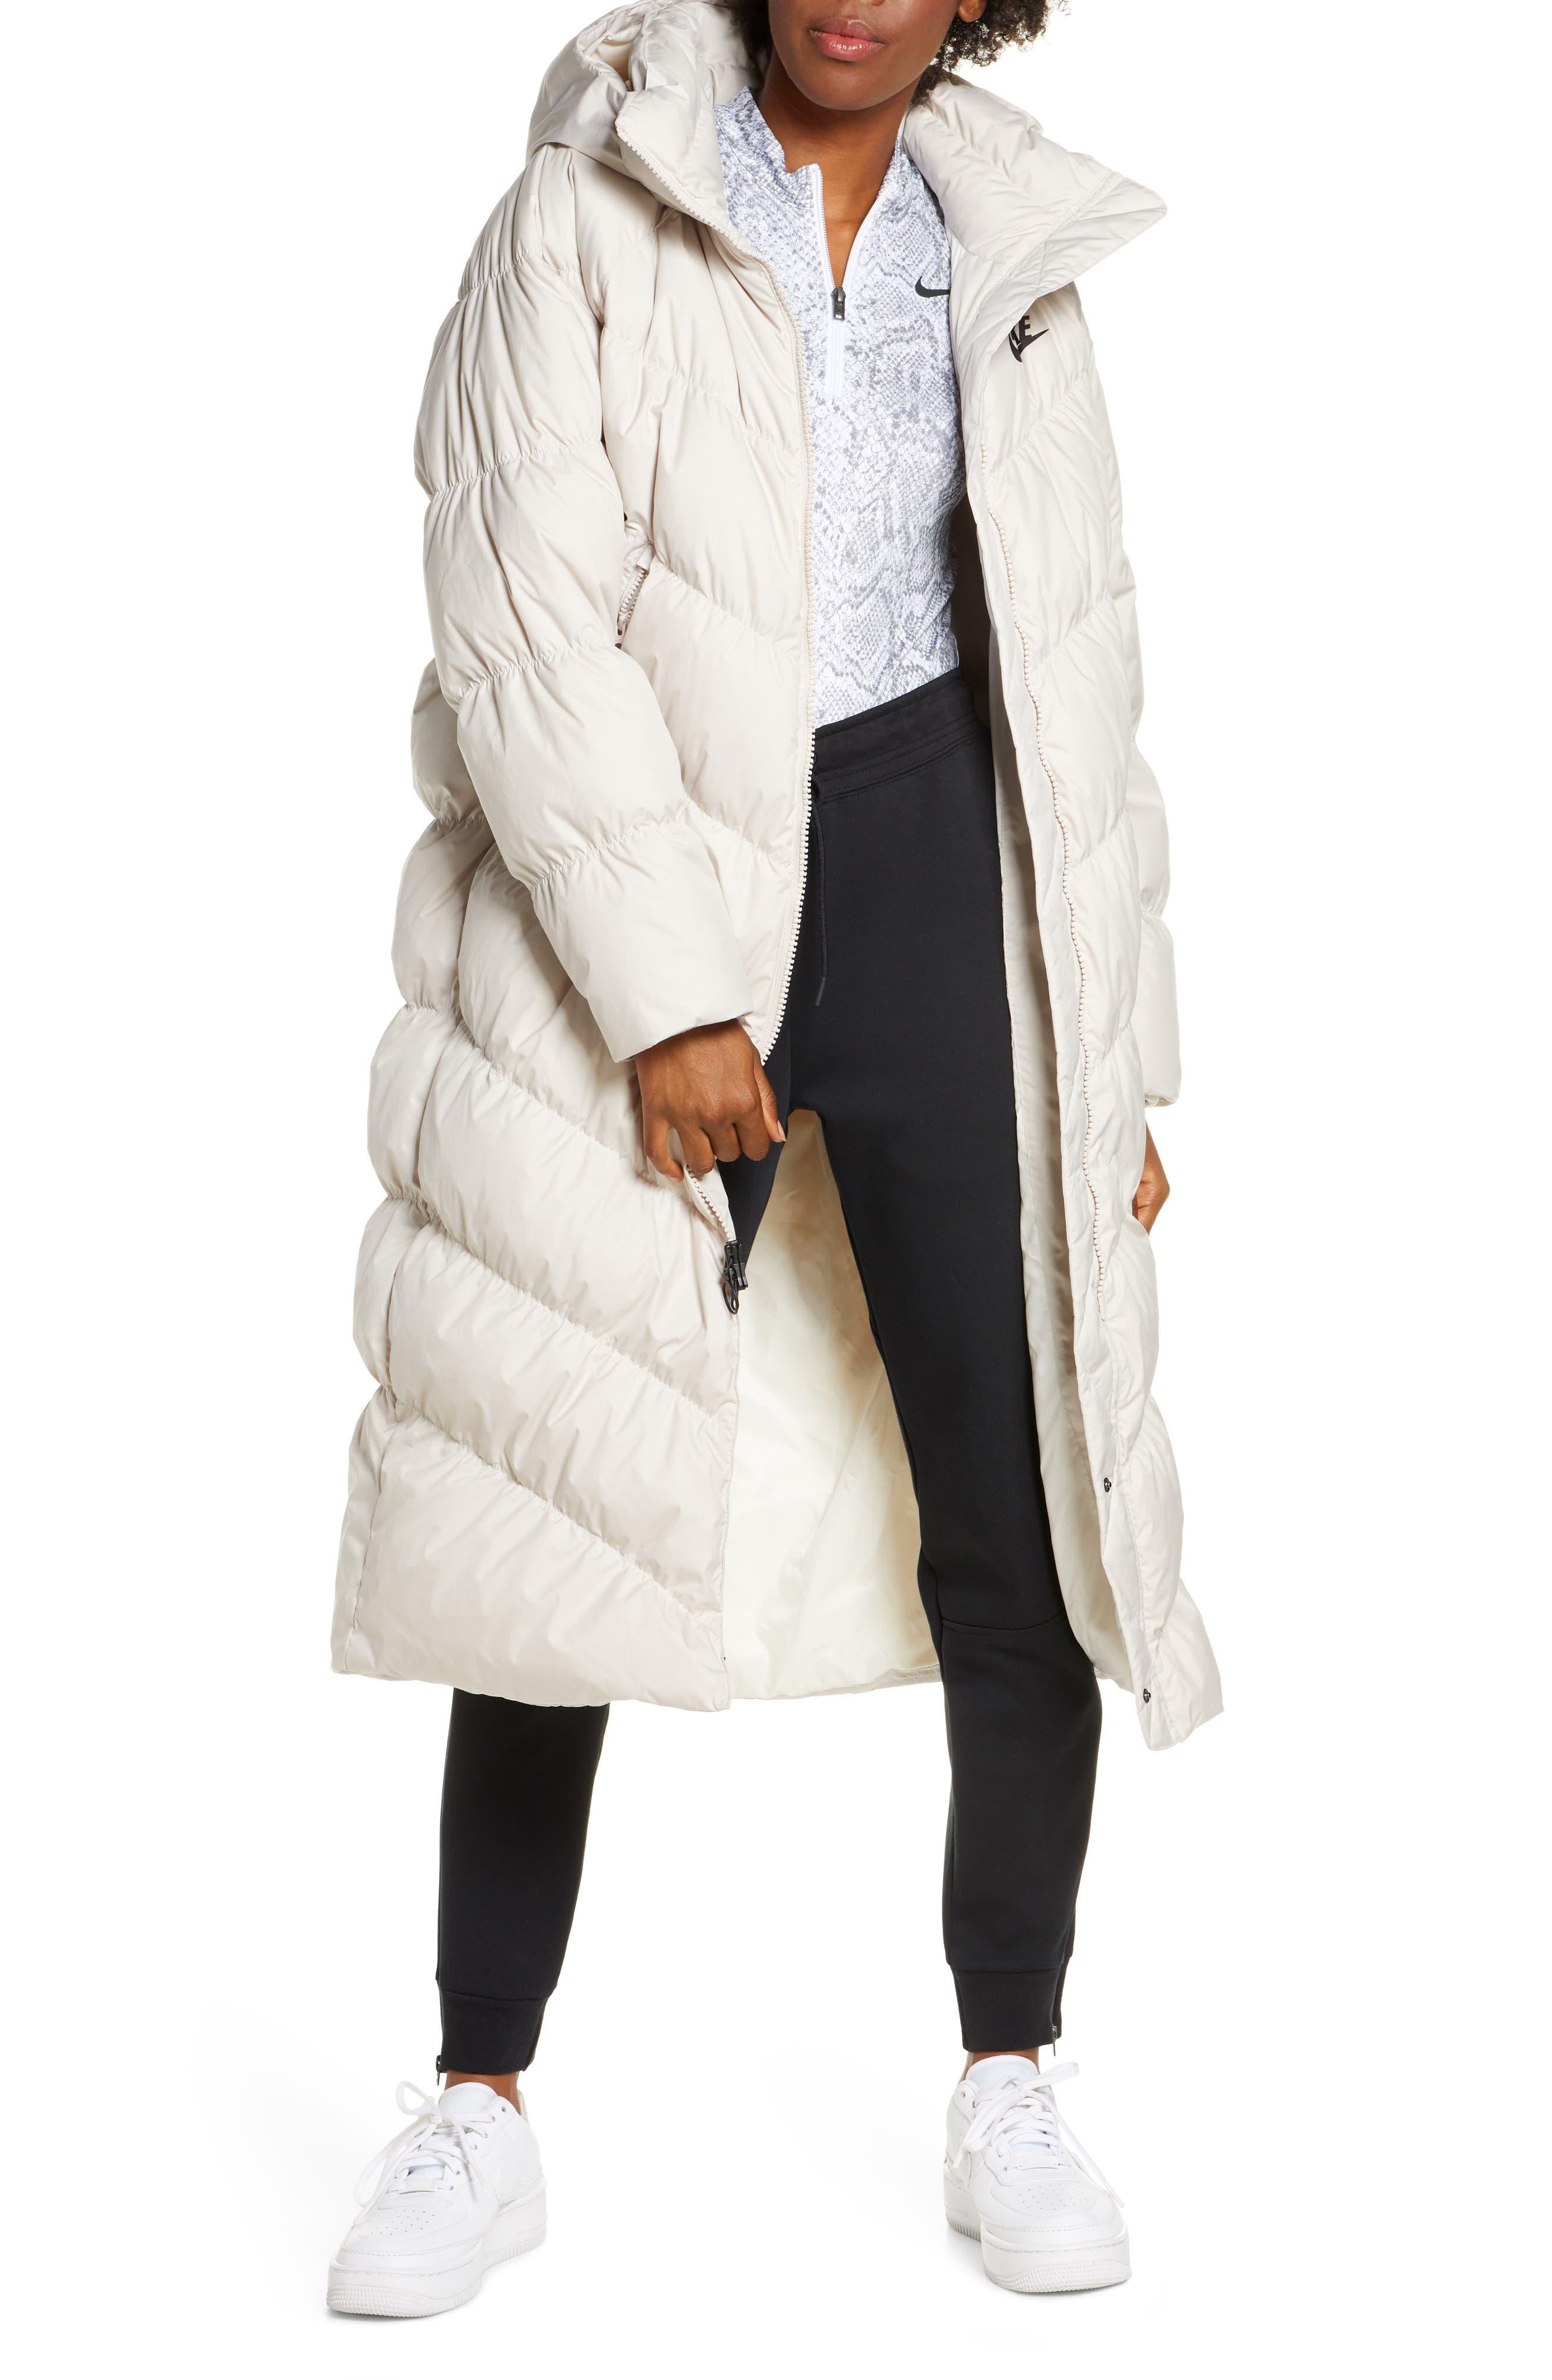 Winterjacke Nike Damen. nike advance 15 w winter jacket